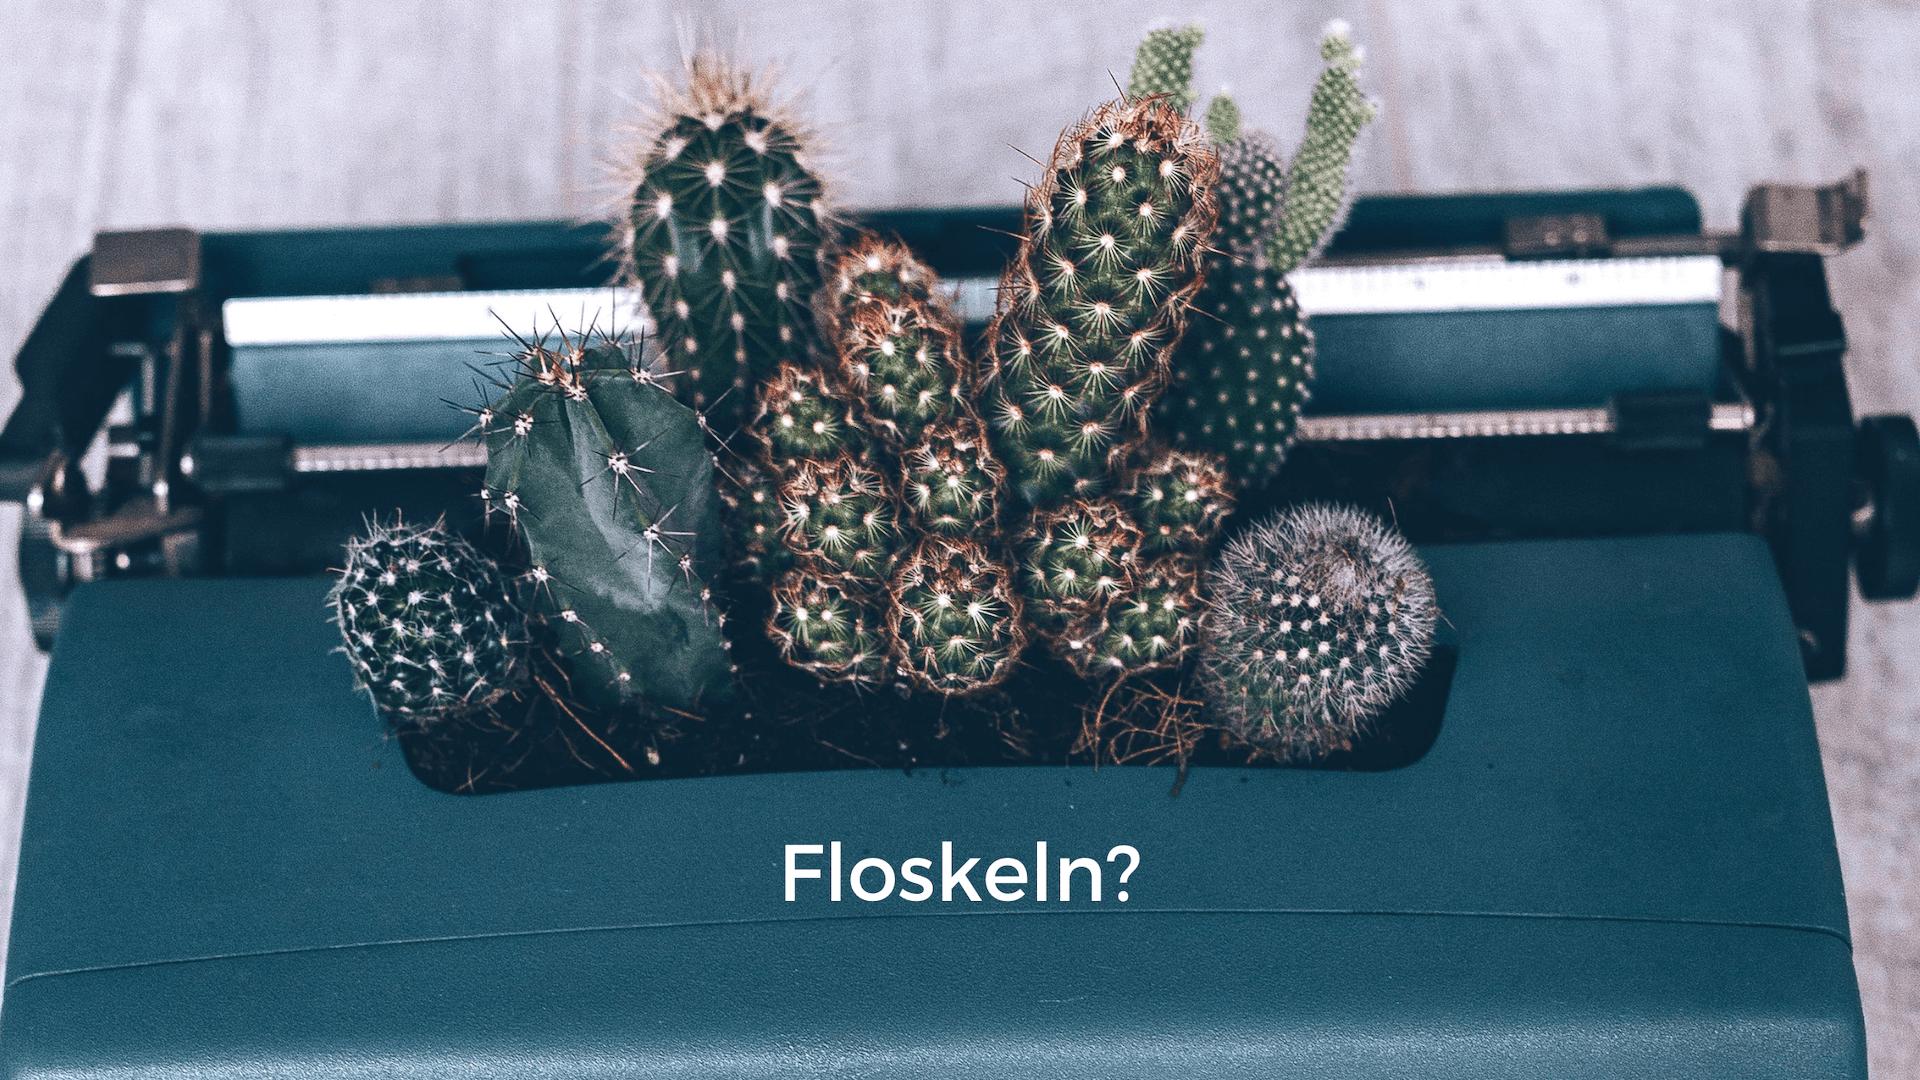 Veronika_Blog Floskeln